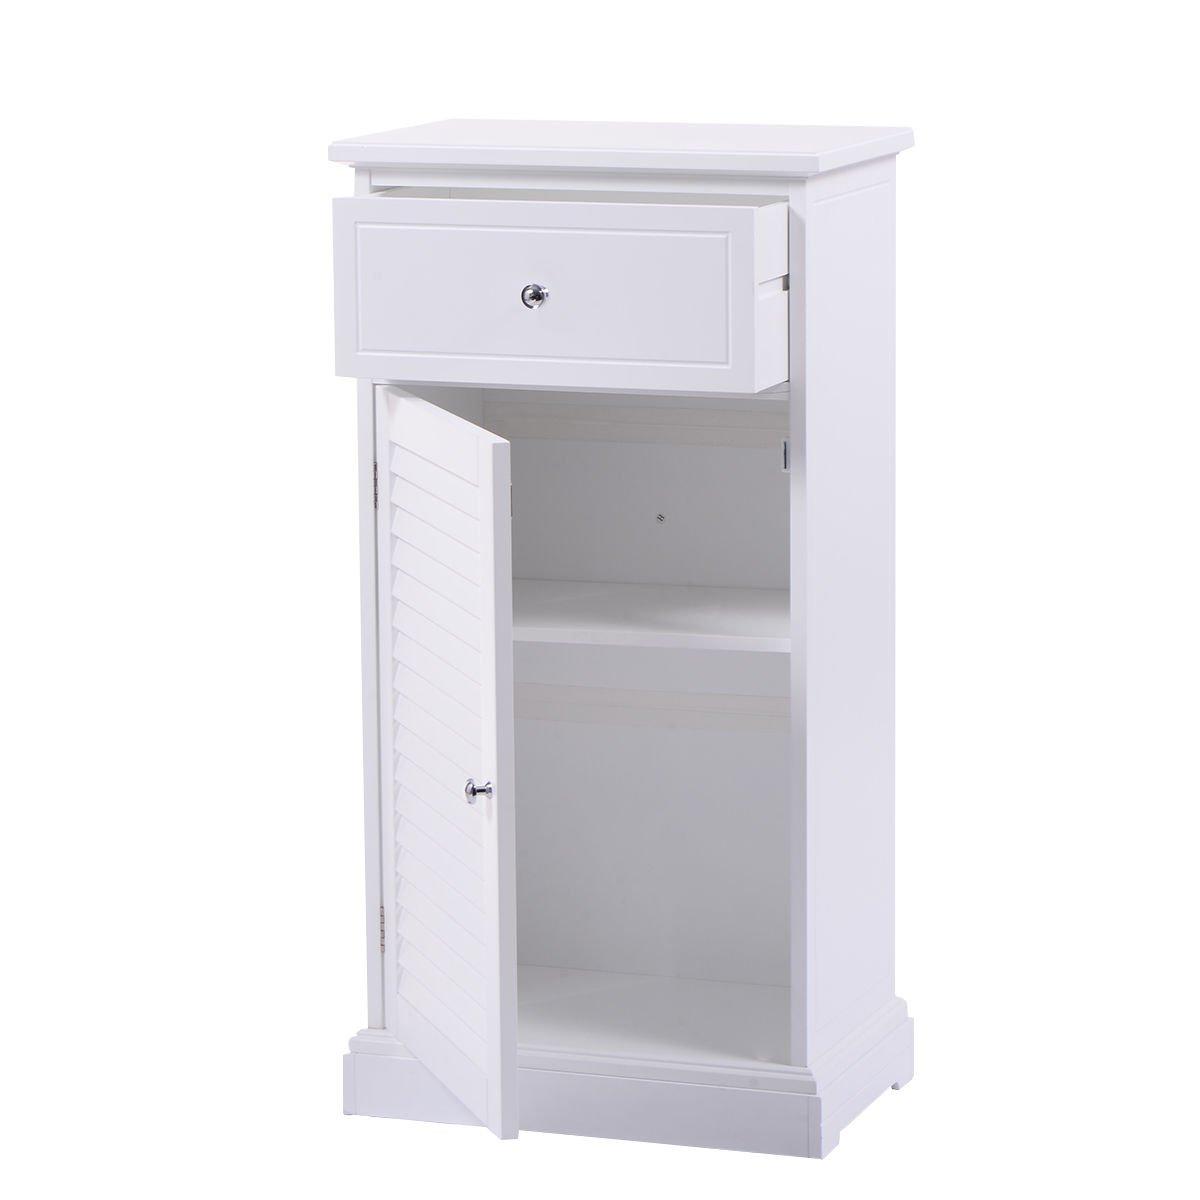 Storage Floor Cabinet Wall Shutter Door Bathroom Organizer White Cupboard Shelf